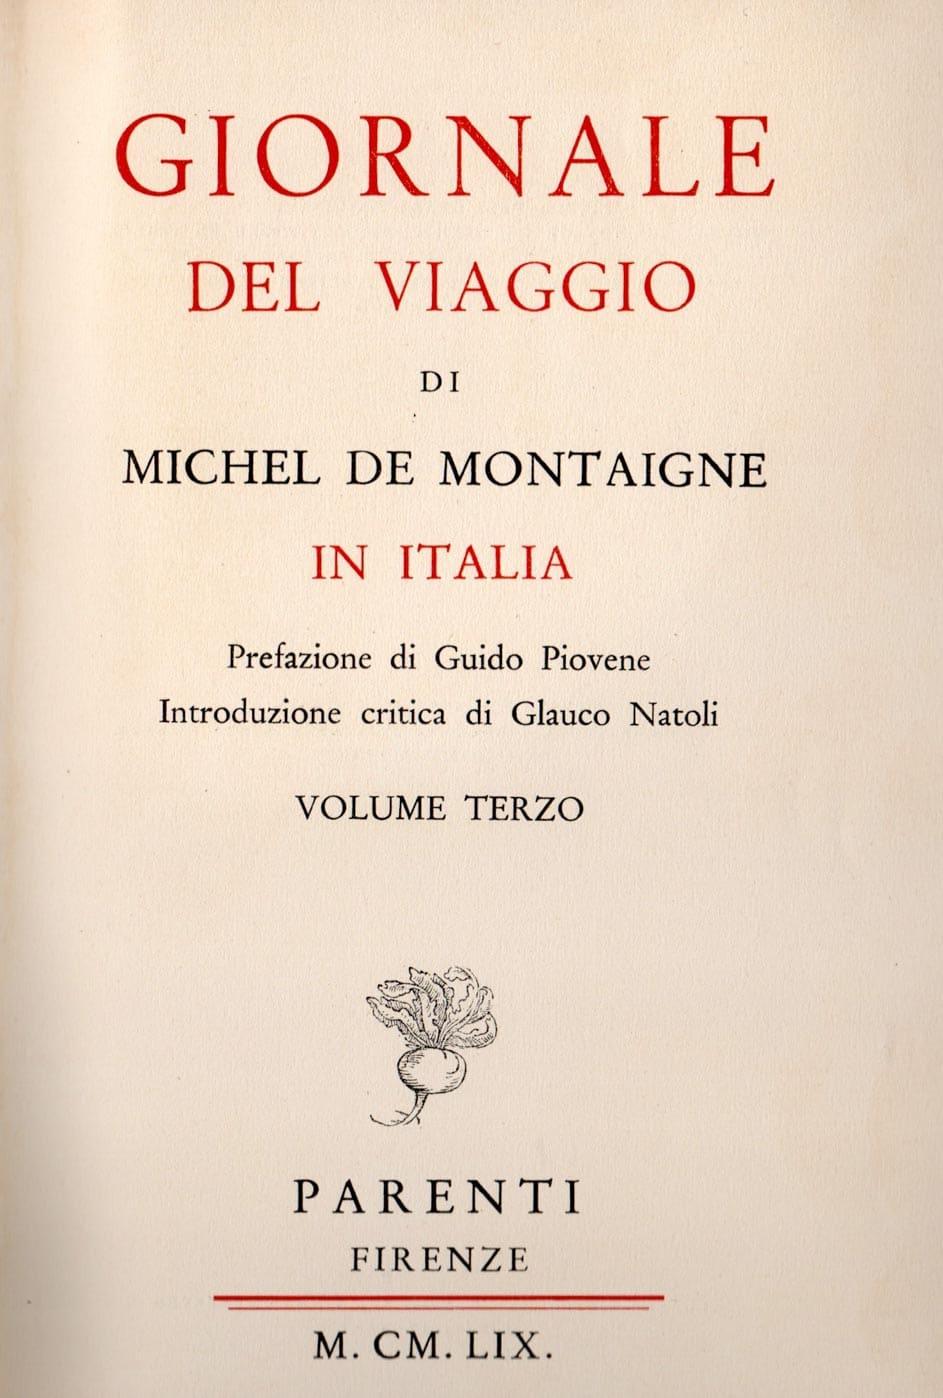 Giornale del Viaggio in Italia - No watermark